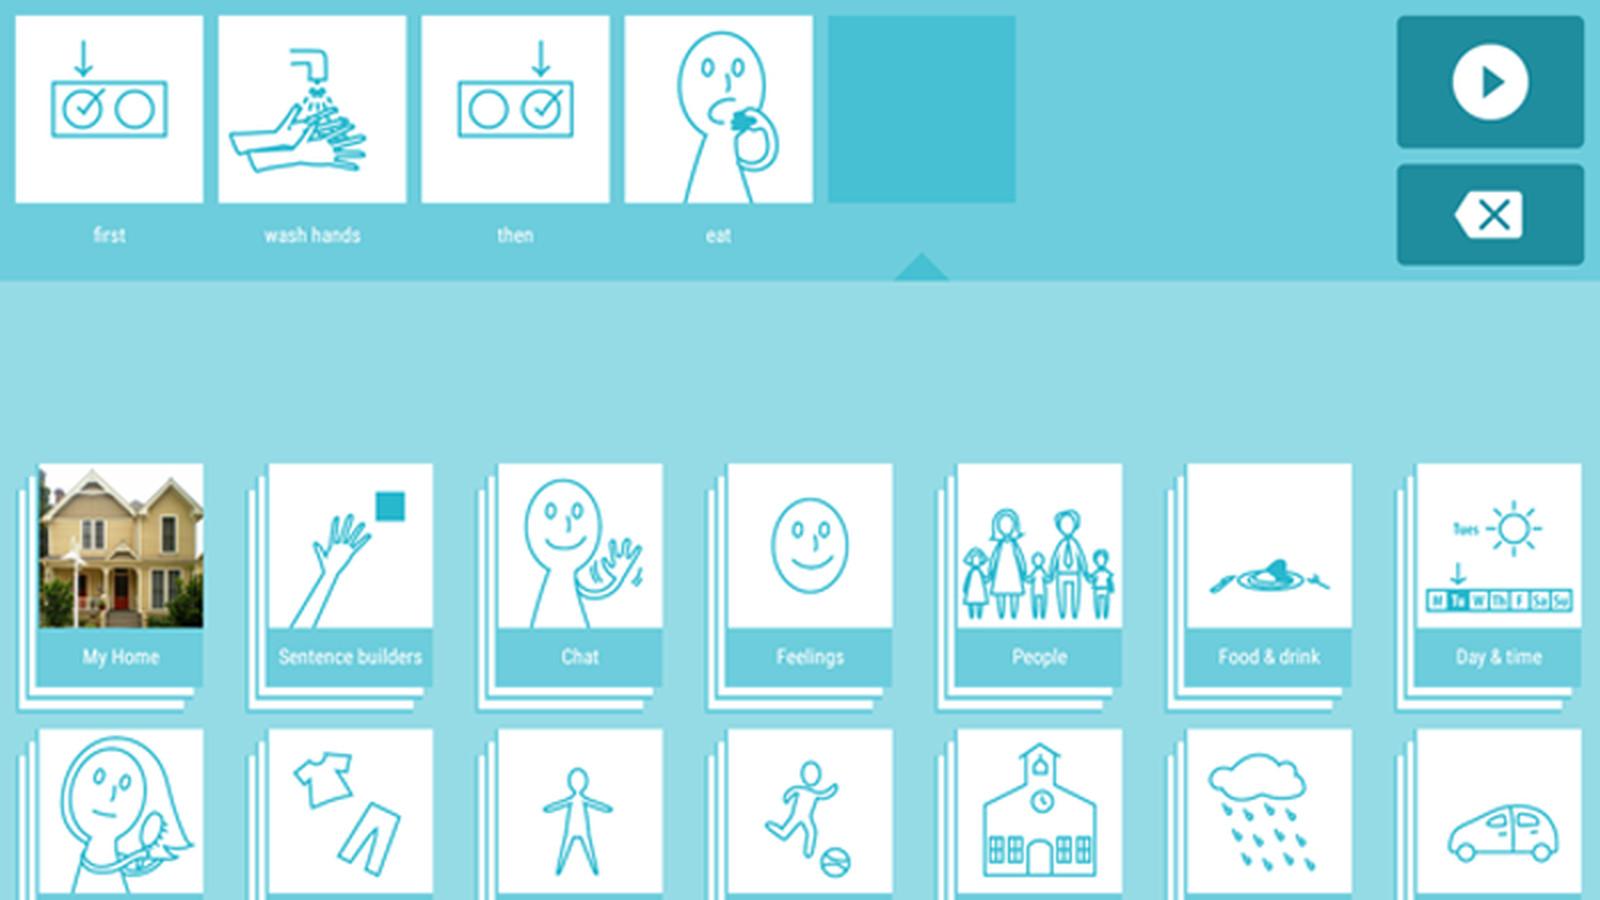 SwiftKey launches symbol-based communication app for ...